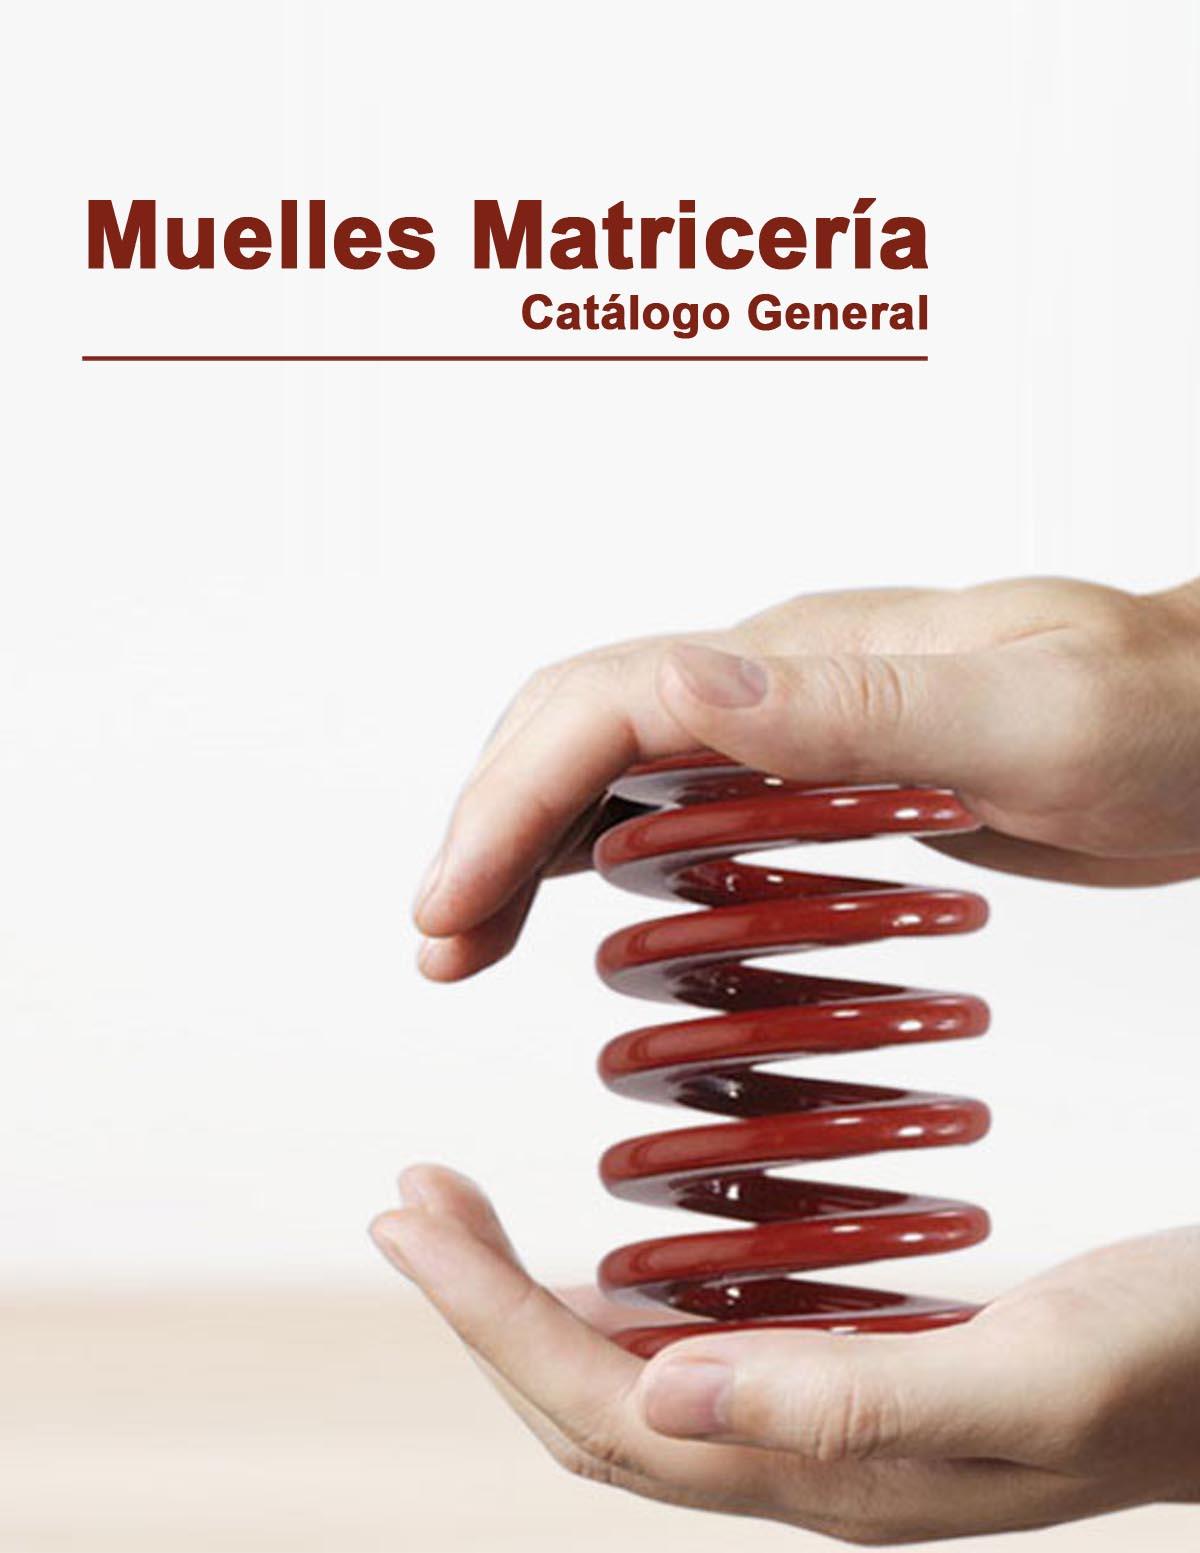 Catálogo Muelles Matriceria